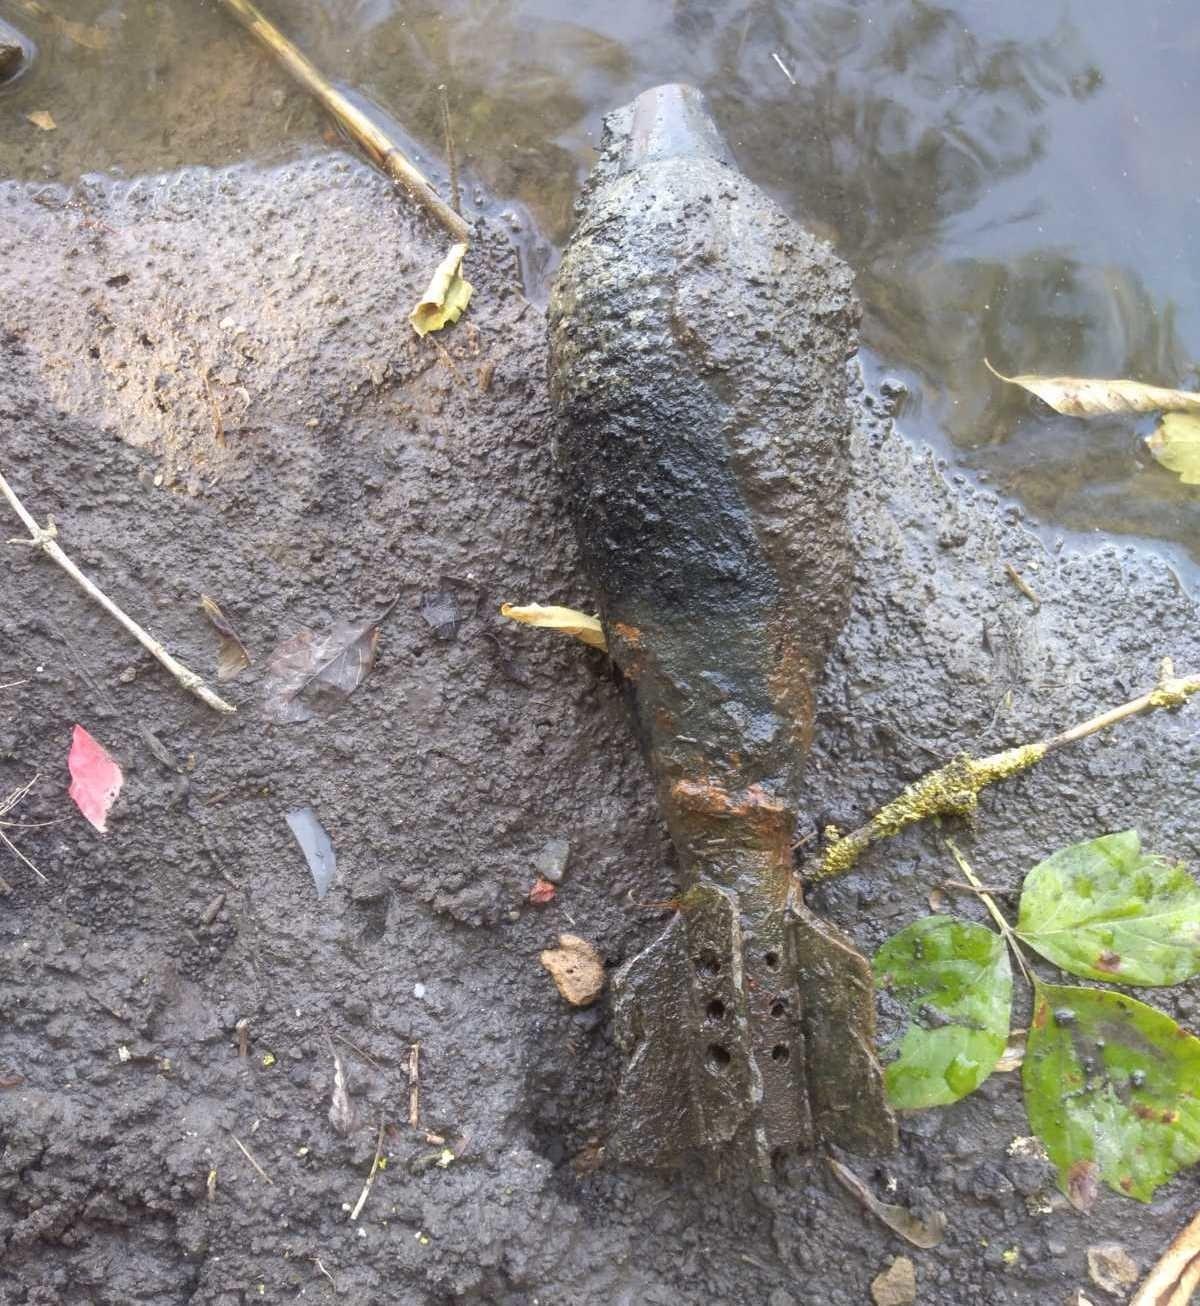 В городе Короча Белгородской области обнаружен взрывоопасный предмет